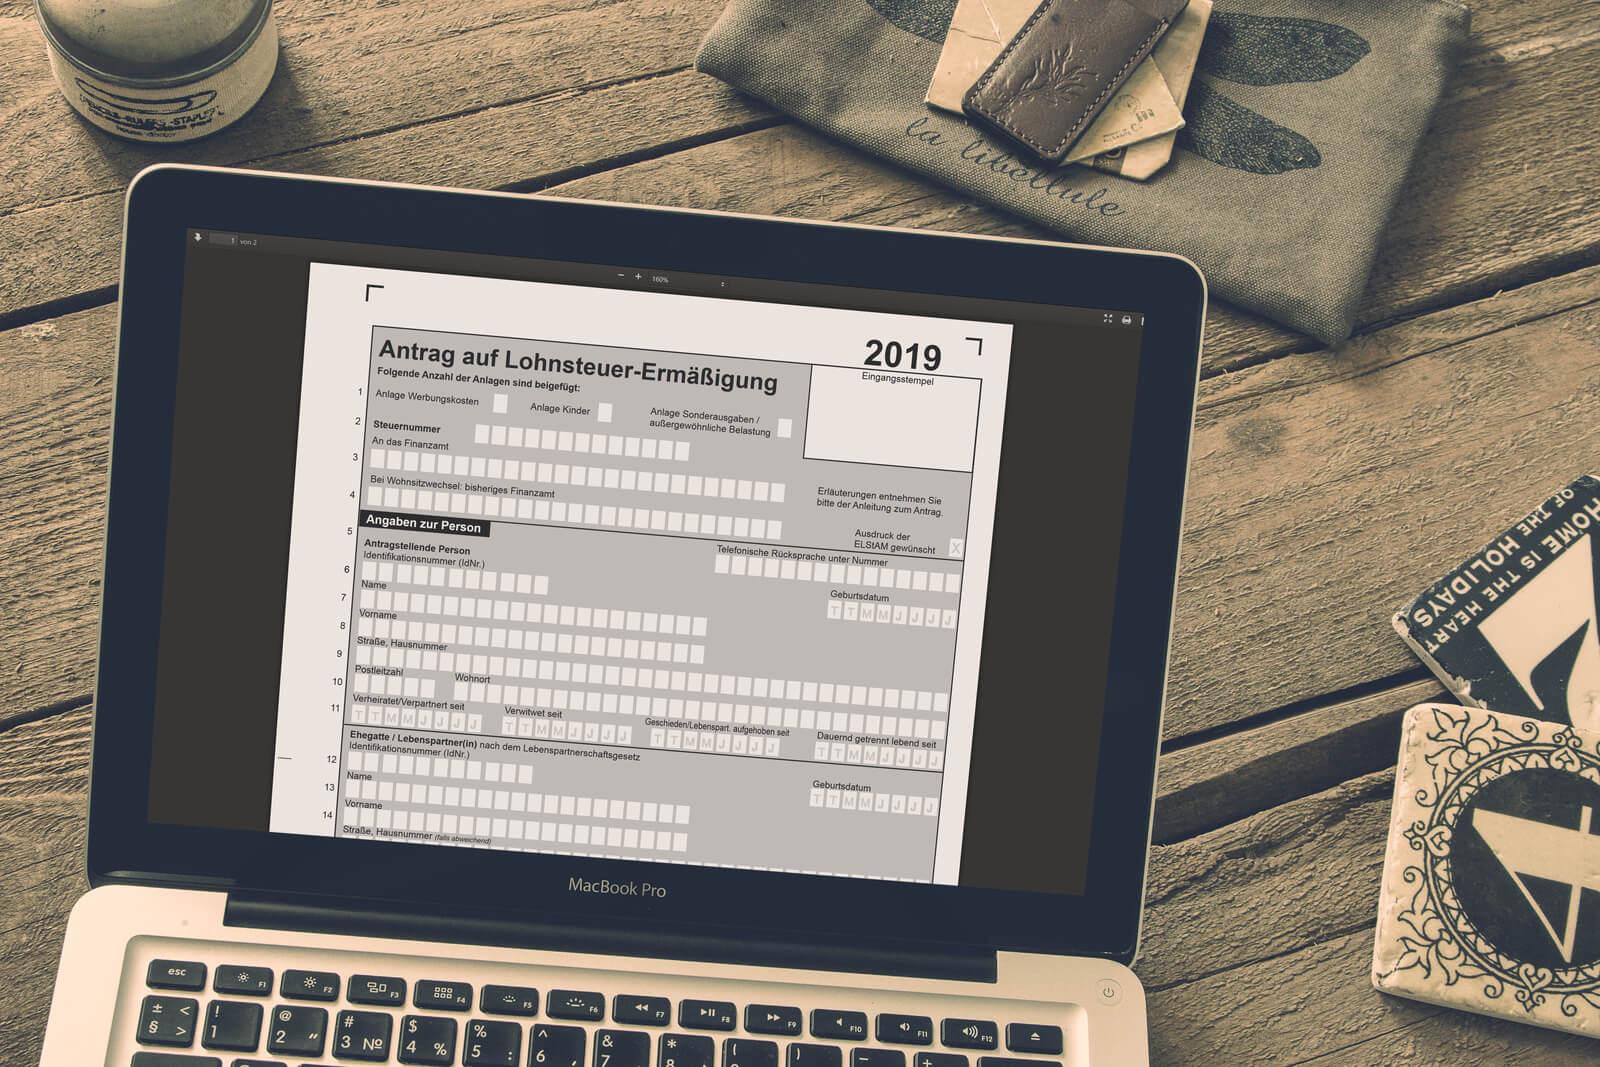 Jetzt Lohnsteuer-Freibeträge für 2019 beantragen